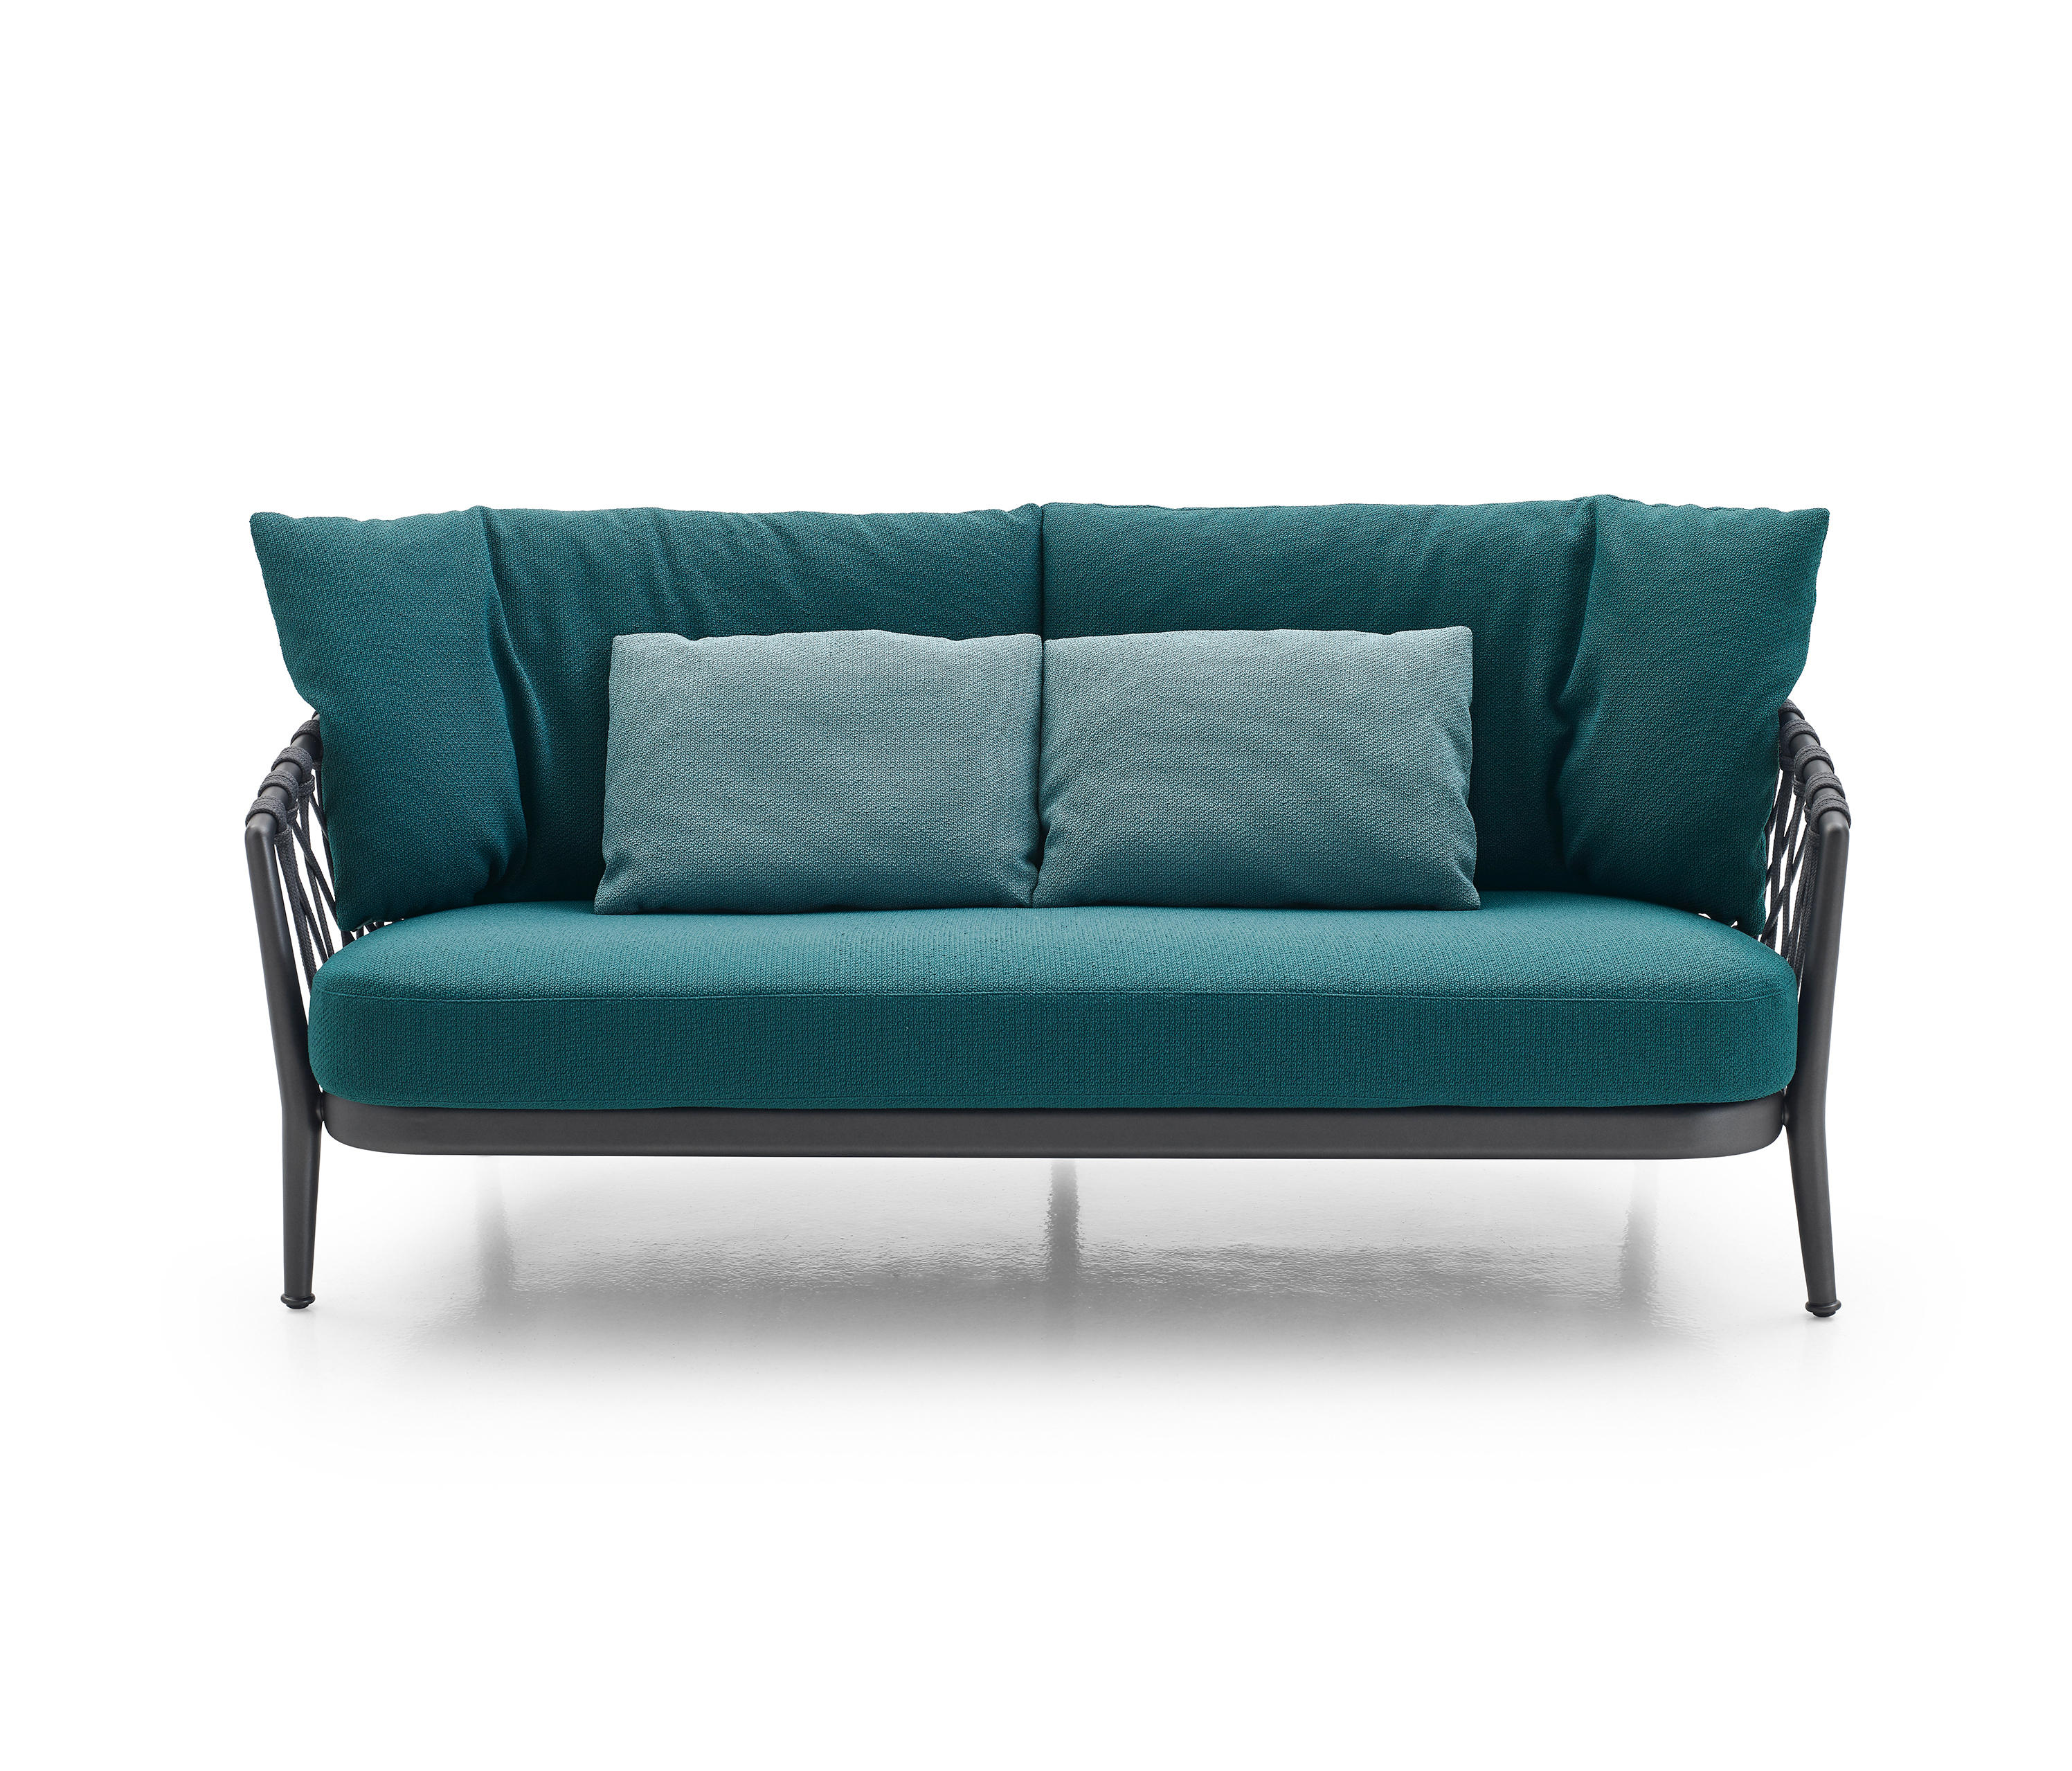 ERICA OUTDOOR Garden sofas from B&B Italia